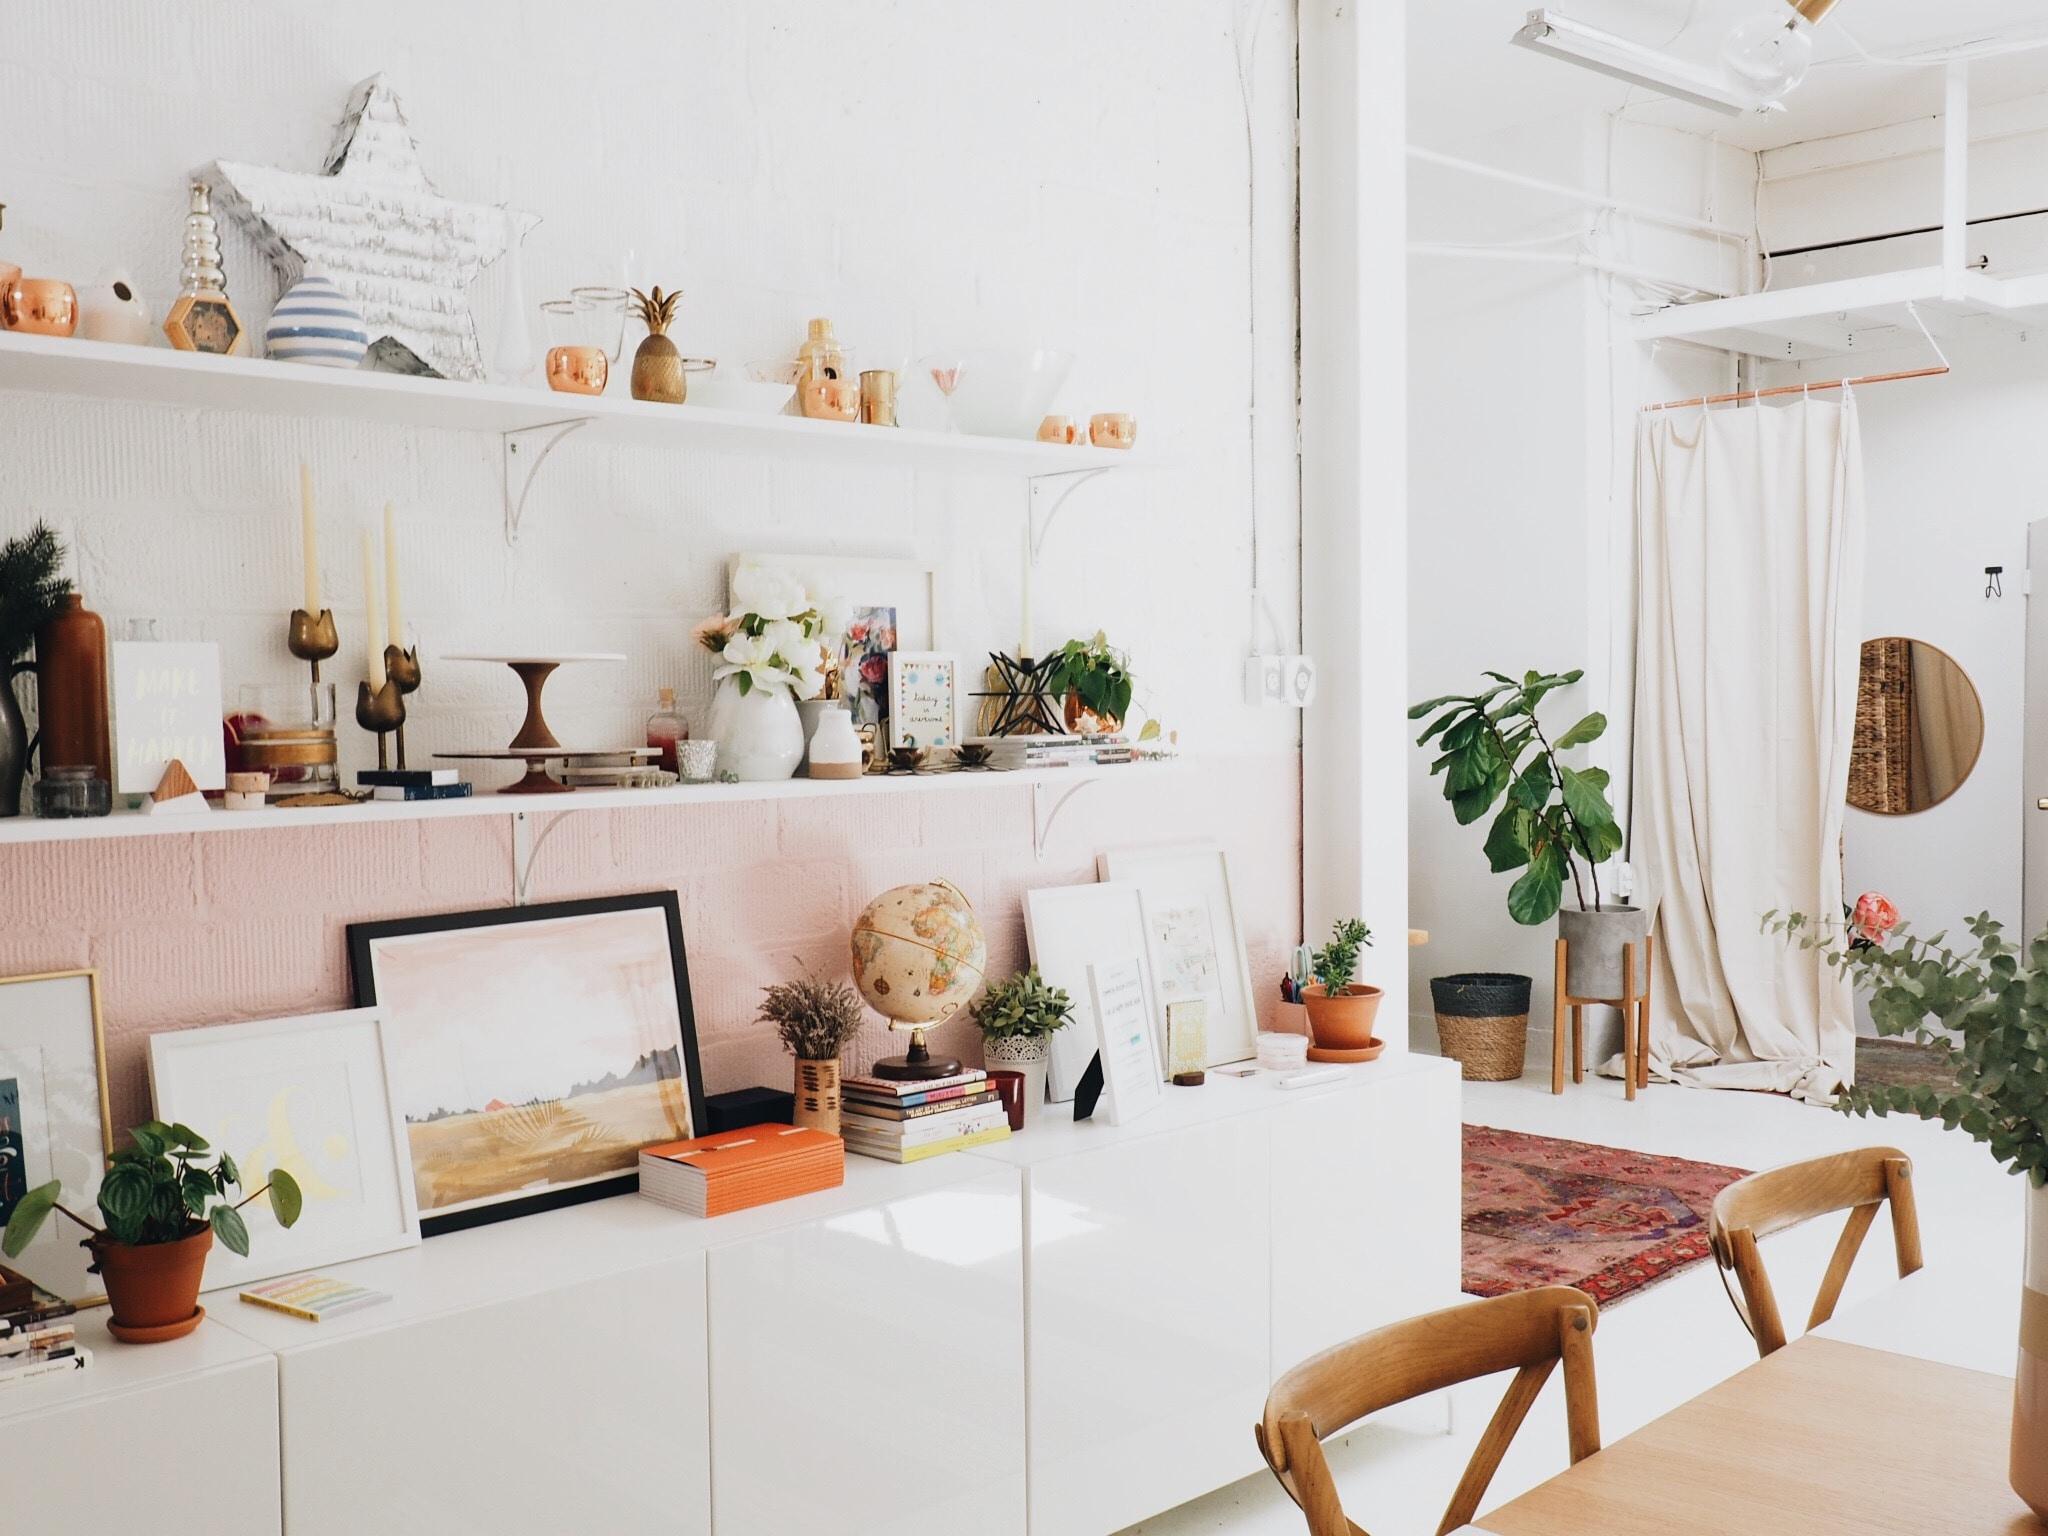 Ambiente di casa con spazi vuoti